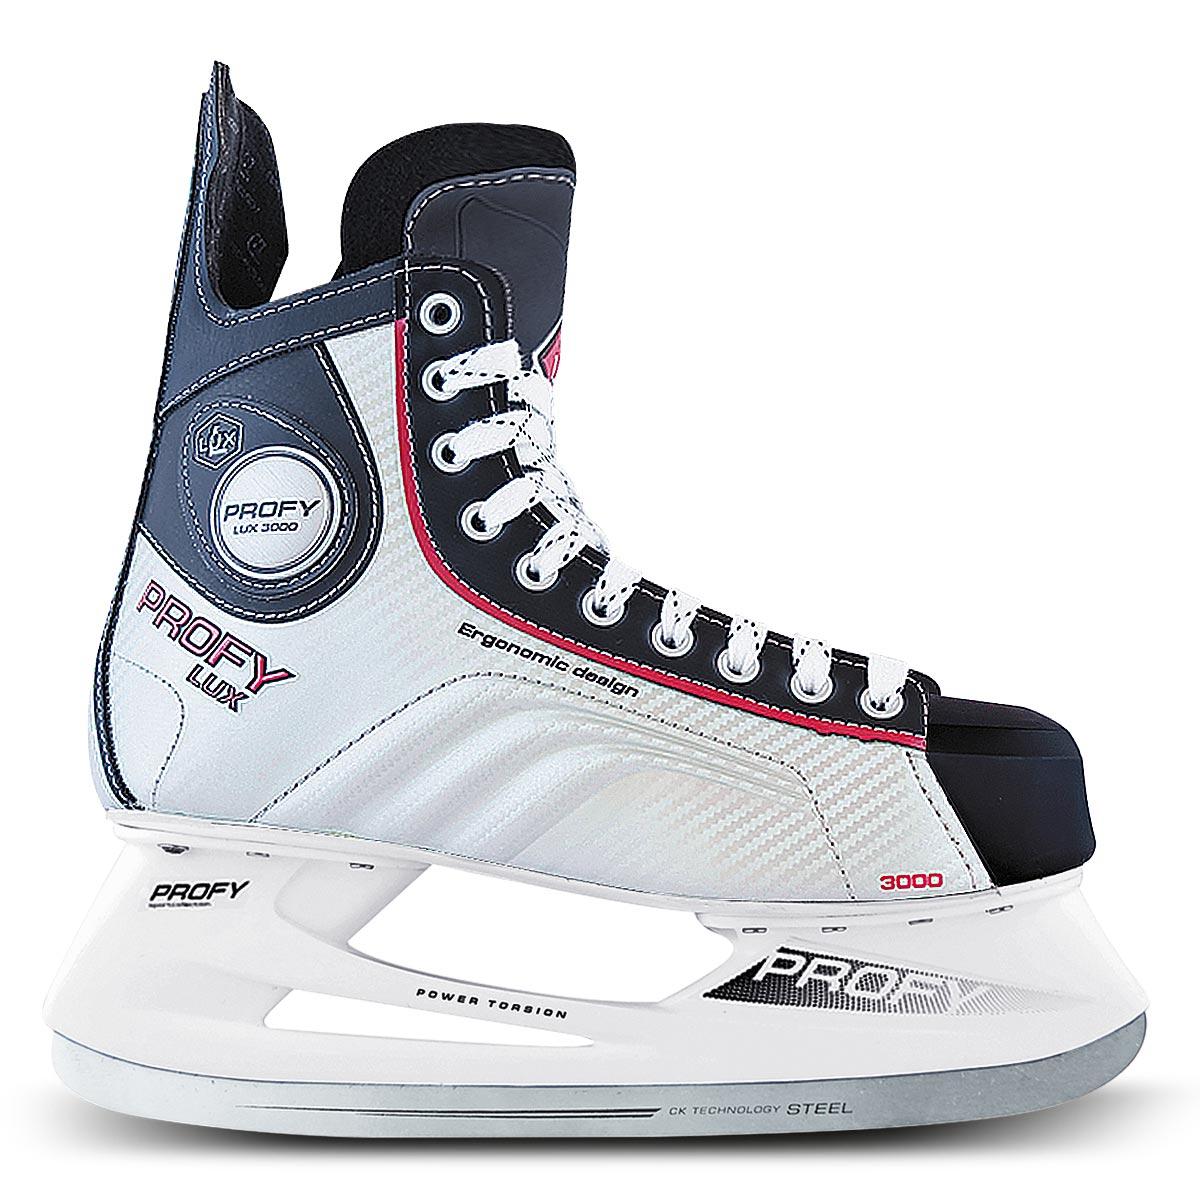 Коньки хоккейные для мальчика СК Profy Lux 3000, цвет: черный, серебряный, красный. Размер 36Atemi Force 3.0 2012 Black-GrayКоньки хоккейные мужские СК Profy Lux 3000 прекрасно подойдут для профессиональных игроков в хоккей. Ботинок выполнен из морозоустойчивой искусственной кожи и специального резистентного ПВХ, а язычок - из двухслойного войлока и искусственной кожи. Слоевая композитная технология позволила изготовить ботинок, полностью обволакивающий ногу. Это обеспечивает прочную и удобную фиксацию ноги, повышает защиту от ударов. Ботинок изготовлен с учетом антропометрии стоп россиян, что обеспечивает комфорт и устойчивость ноги, правильное распределение нагрузки, сильно снижает травмоопасность. Конструкция носка ботинка, изготовленного из ударопрочного энергопоглощающего термопластичного полиуретана Hytrel® (DuPont), обеспечивает увеличенную надежность защиты передней части ступни от ударов. Усиленные боковины ботинка из формованного PVC укрепляют боковую часть ботинка и дополнительно защищают ступню от ударов за счет поглощения энергии. Тип застежки ботинок – классическая шнуровка. Стелька из упругого пенного полимерного материала EVA гарантирует комфортное положение ноги в ботинке, обеспечивает быструю адаптацию ботинка к индивидуальным формам ноги, не теряет упругости при изменении температуры и не разрушается от воздействия пота и влаги. Легкая прочная низкопрофильная полимерная подошва инжекционного формования практически без потерь передает энергию от толчка ноги к лезвию – быстрее набор скорости, резче повороты и остановки, острее чувство льда. Лезвие из нержавеющей стали 420J обеспечит превосходное скольжение.